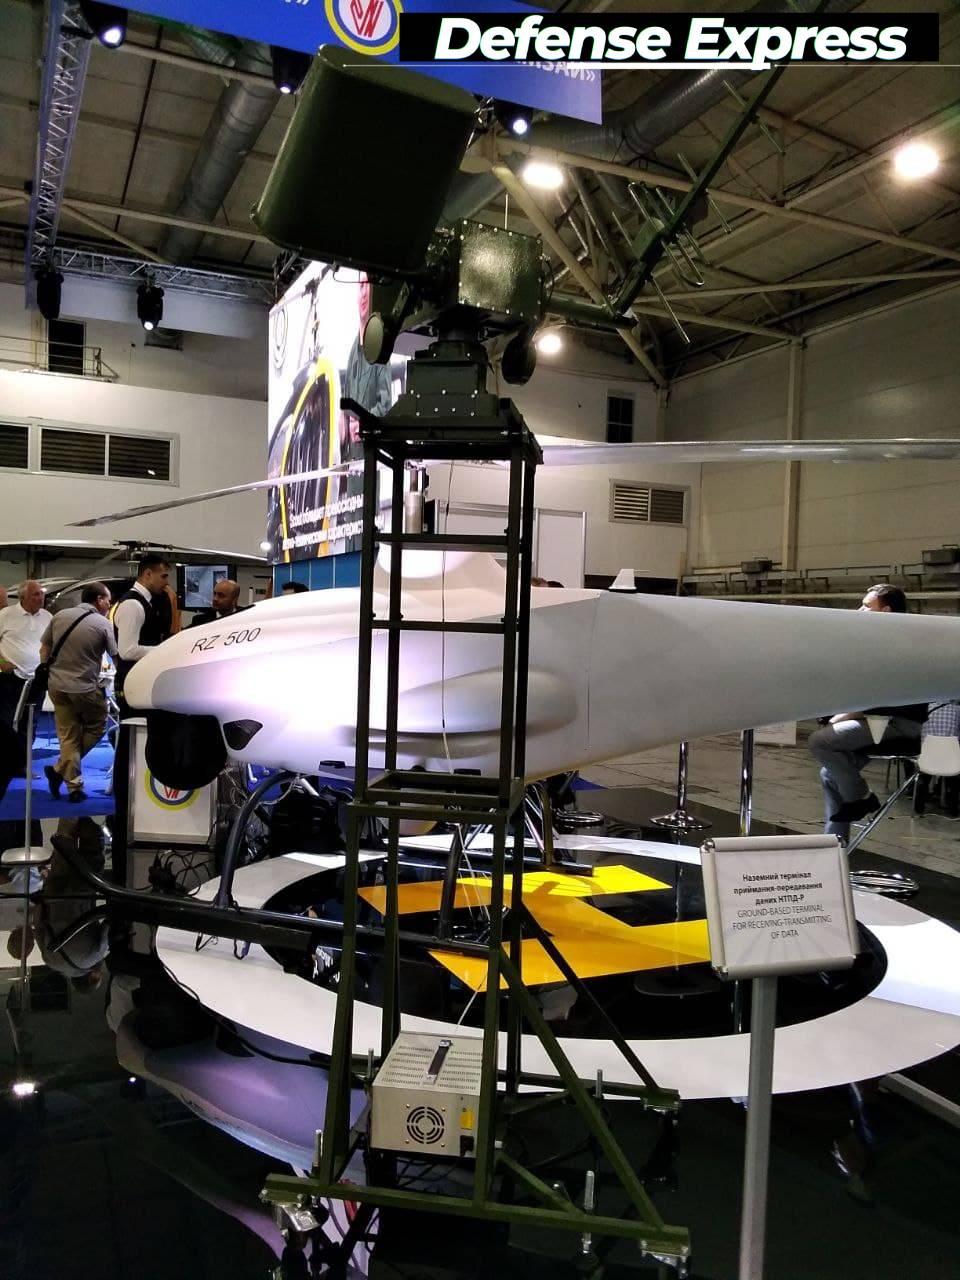 Як виглядає перший побудований в Україні ударний БПЛА вертолітного типу (ФОТО) - фото 3